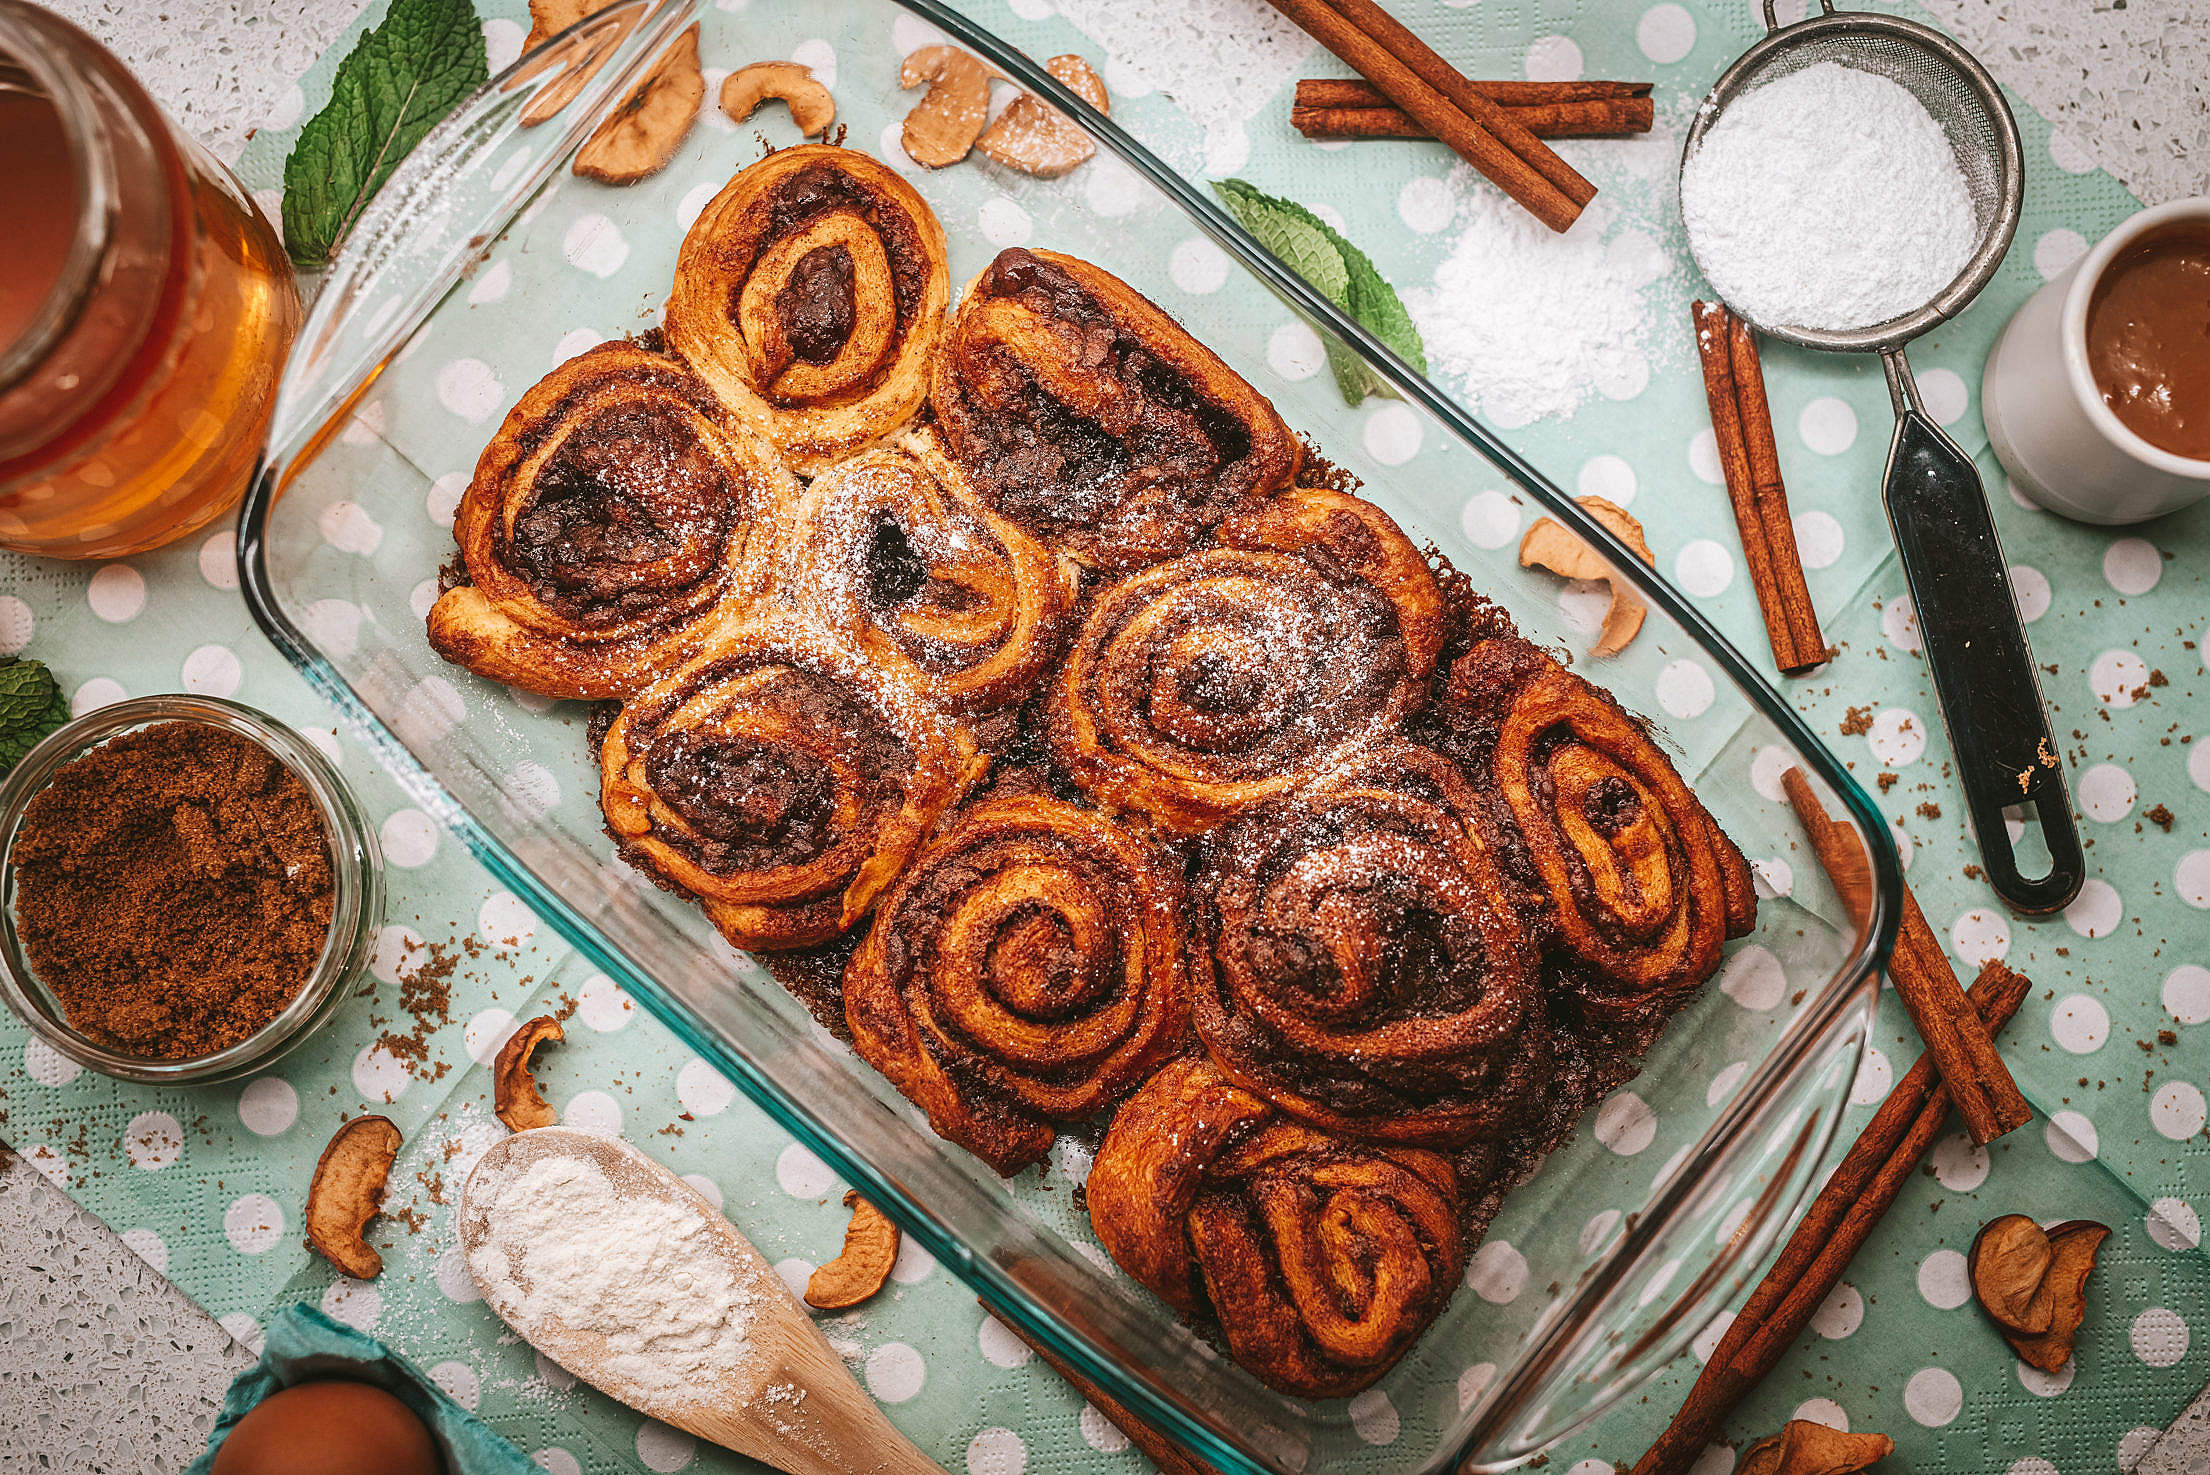 Homemade Pastry Cinnamon Swirls Free Stock Photo